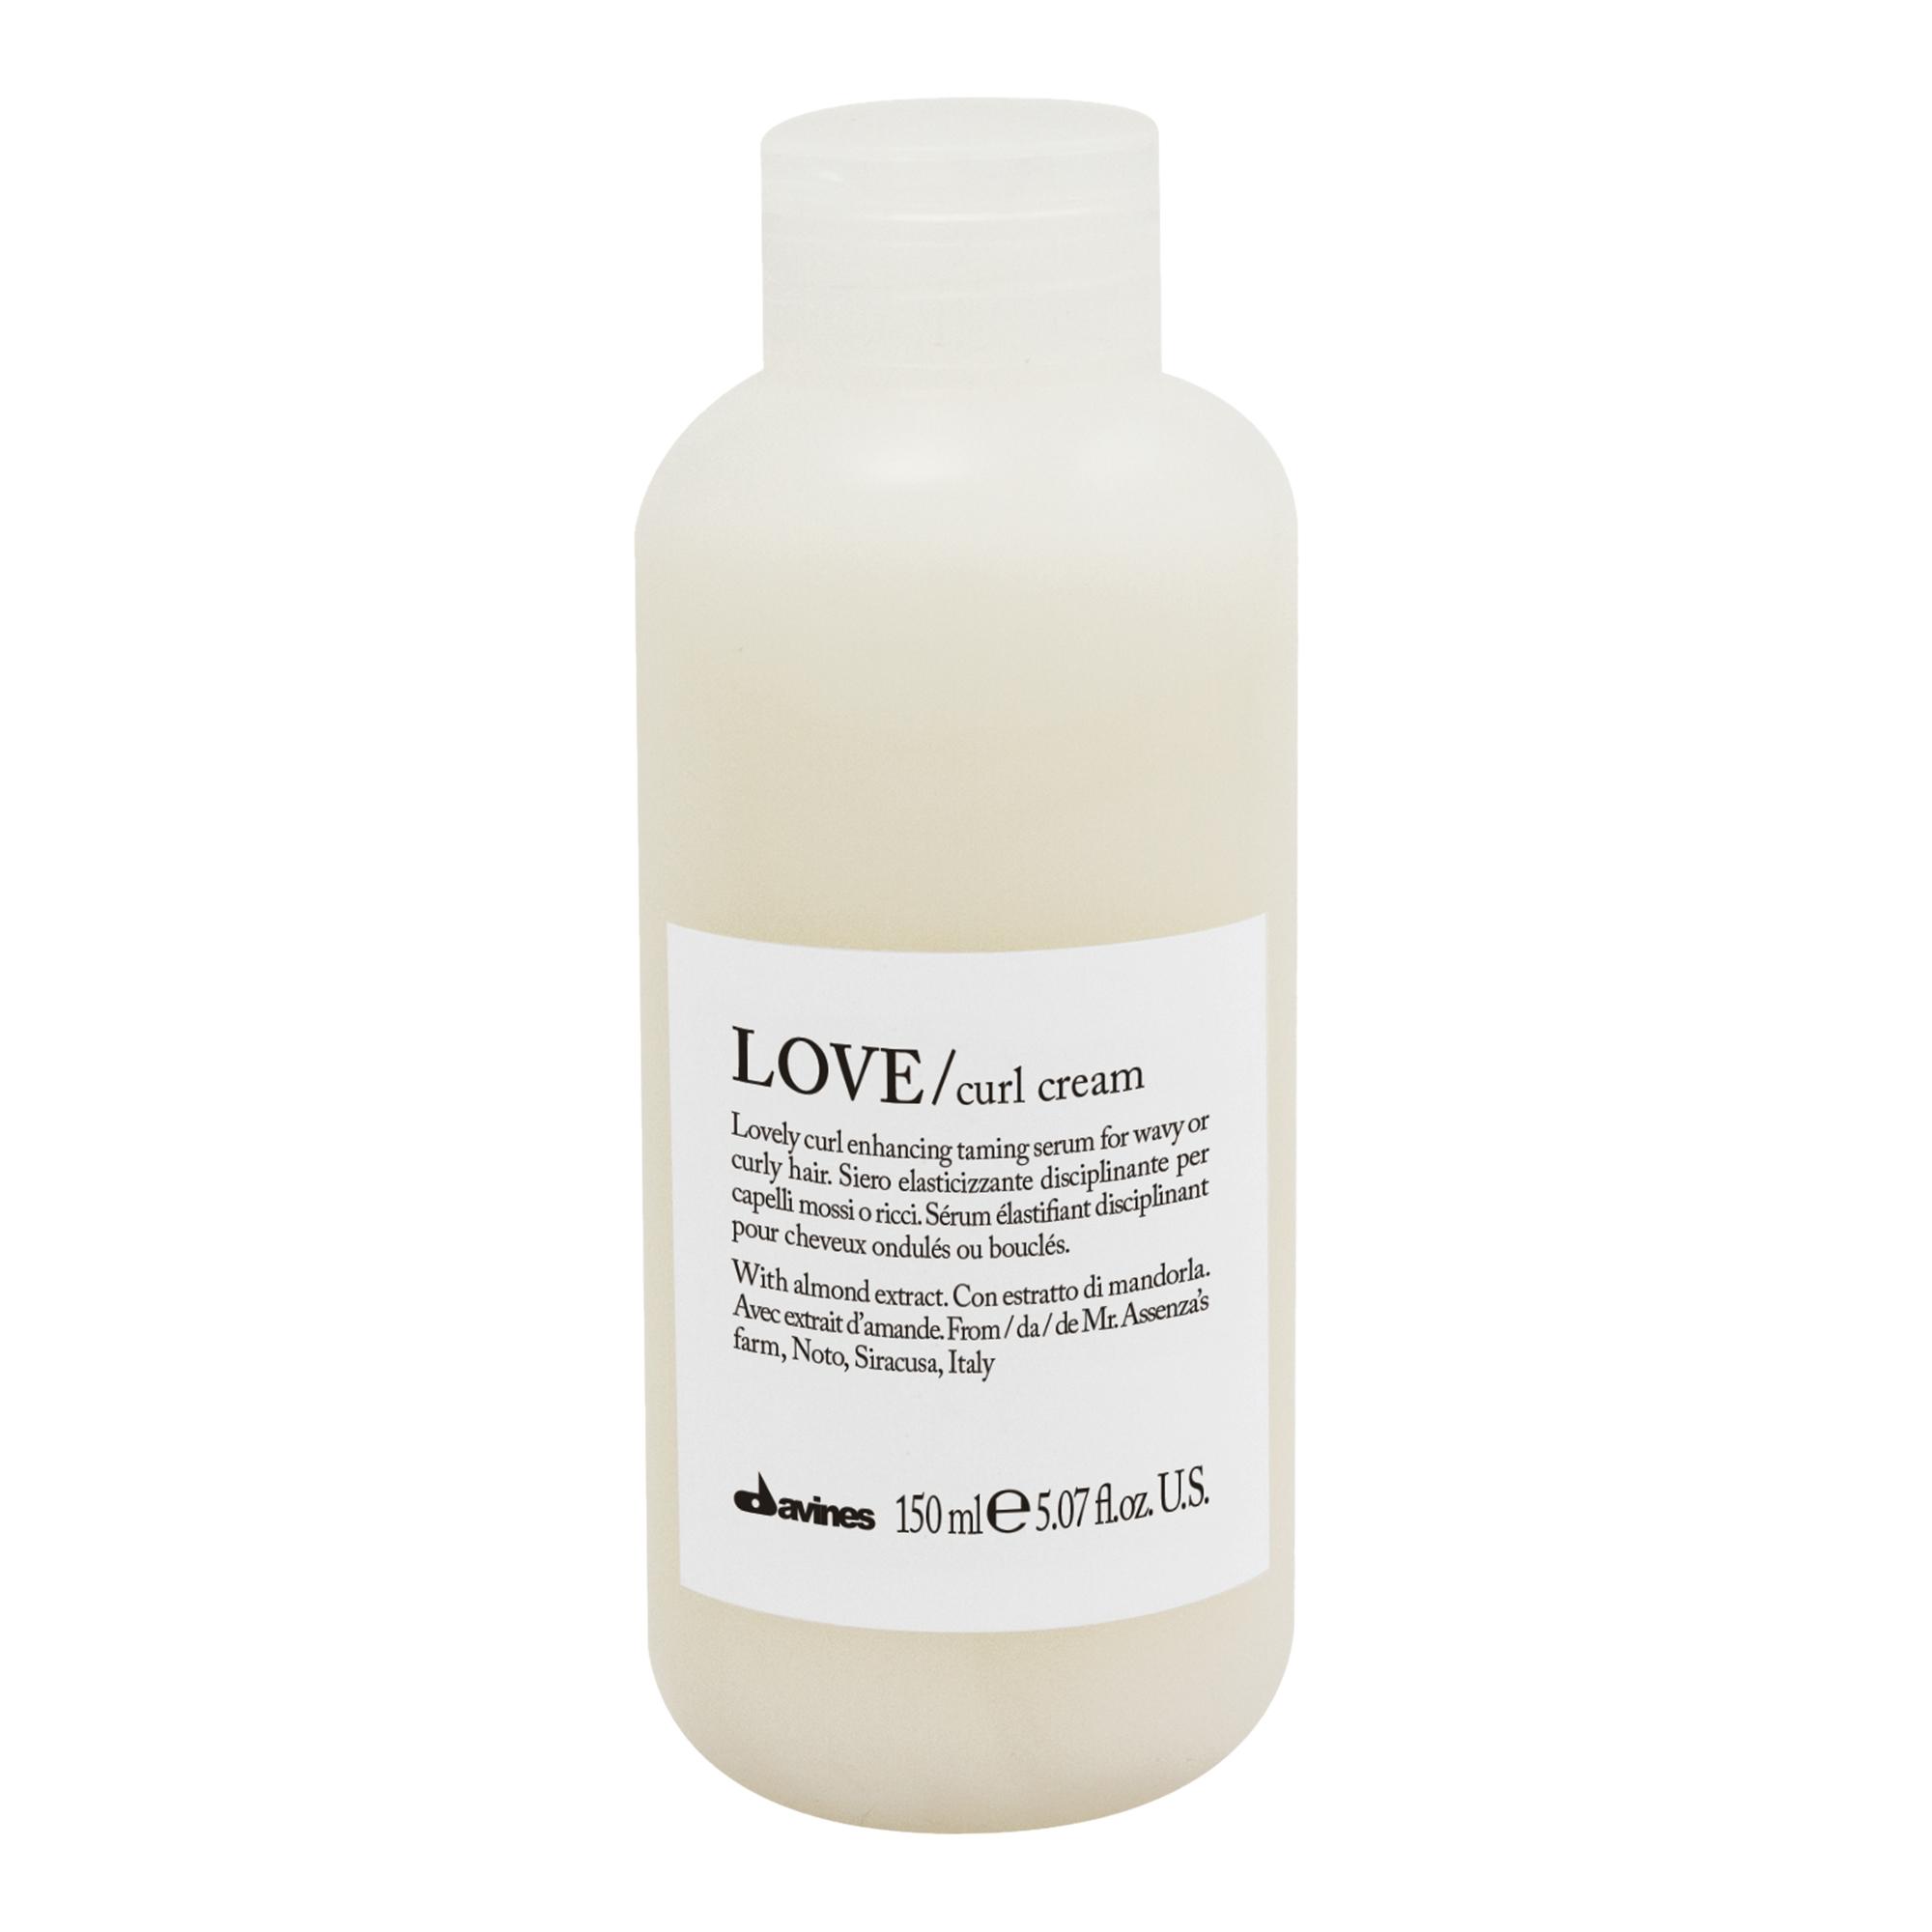 купить Davines Крем для Усиления Завитка Love Curl, 150 мл по цене 1955 рублей